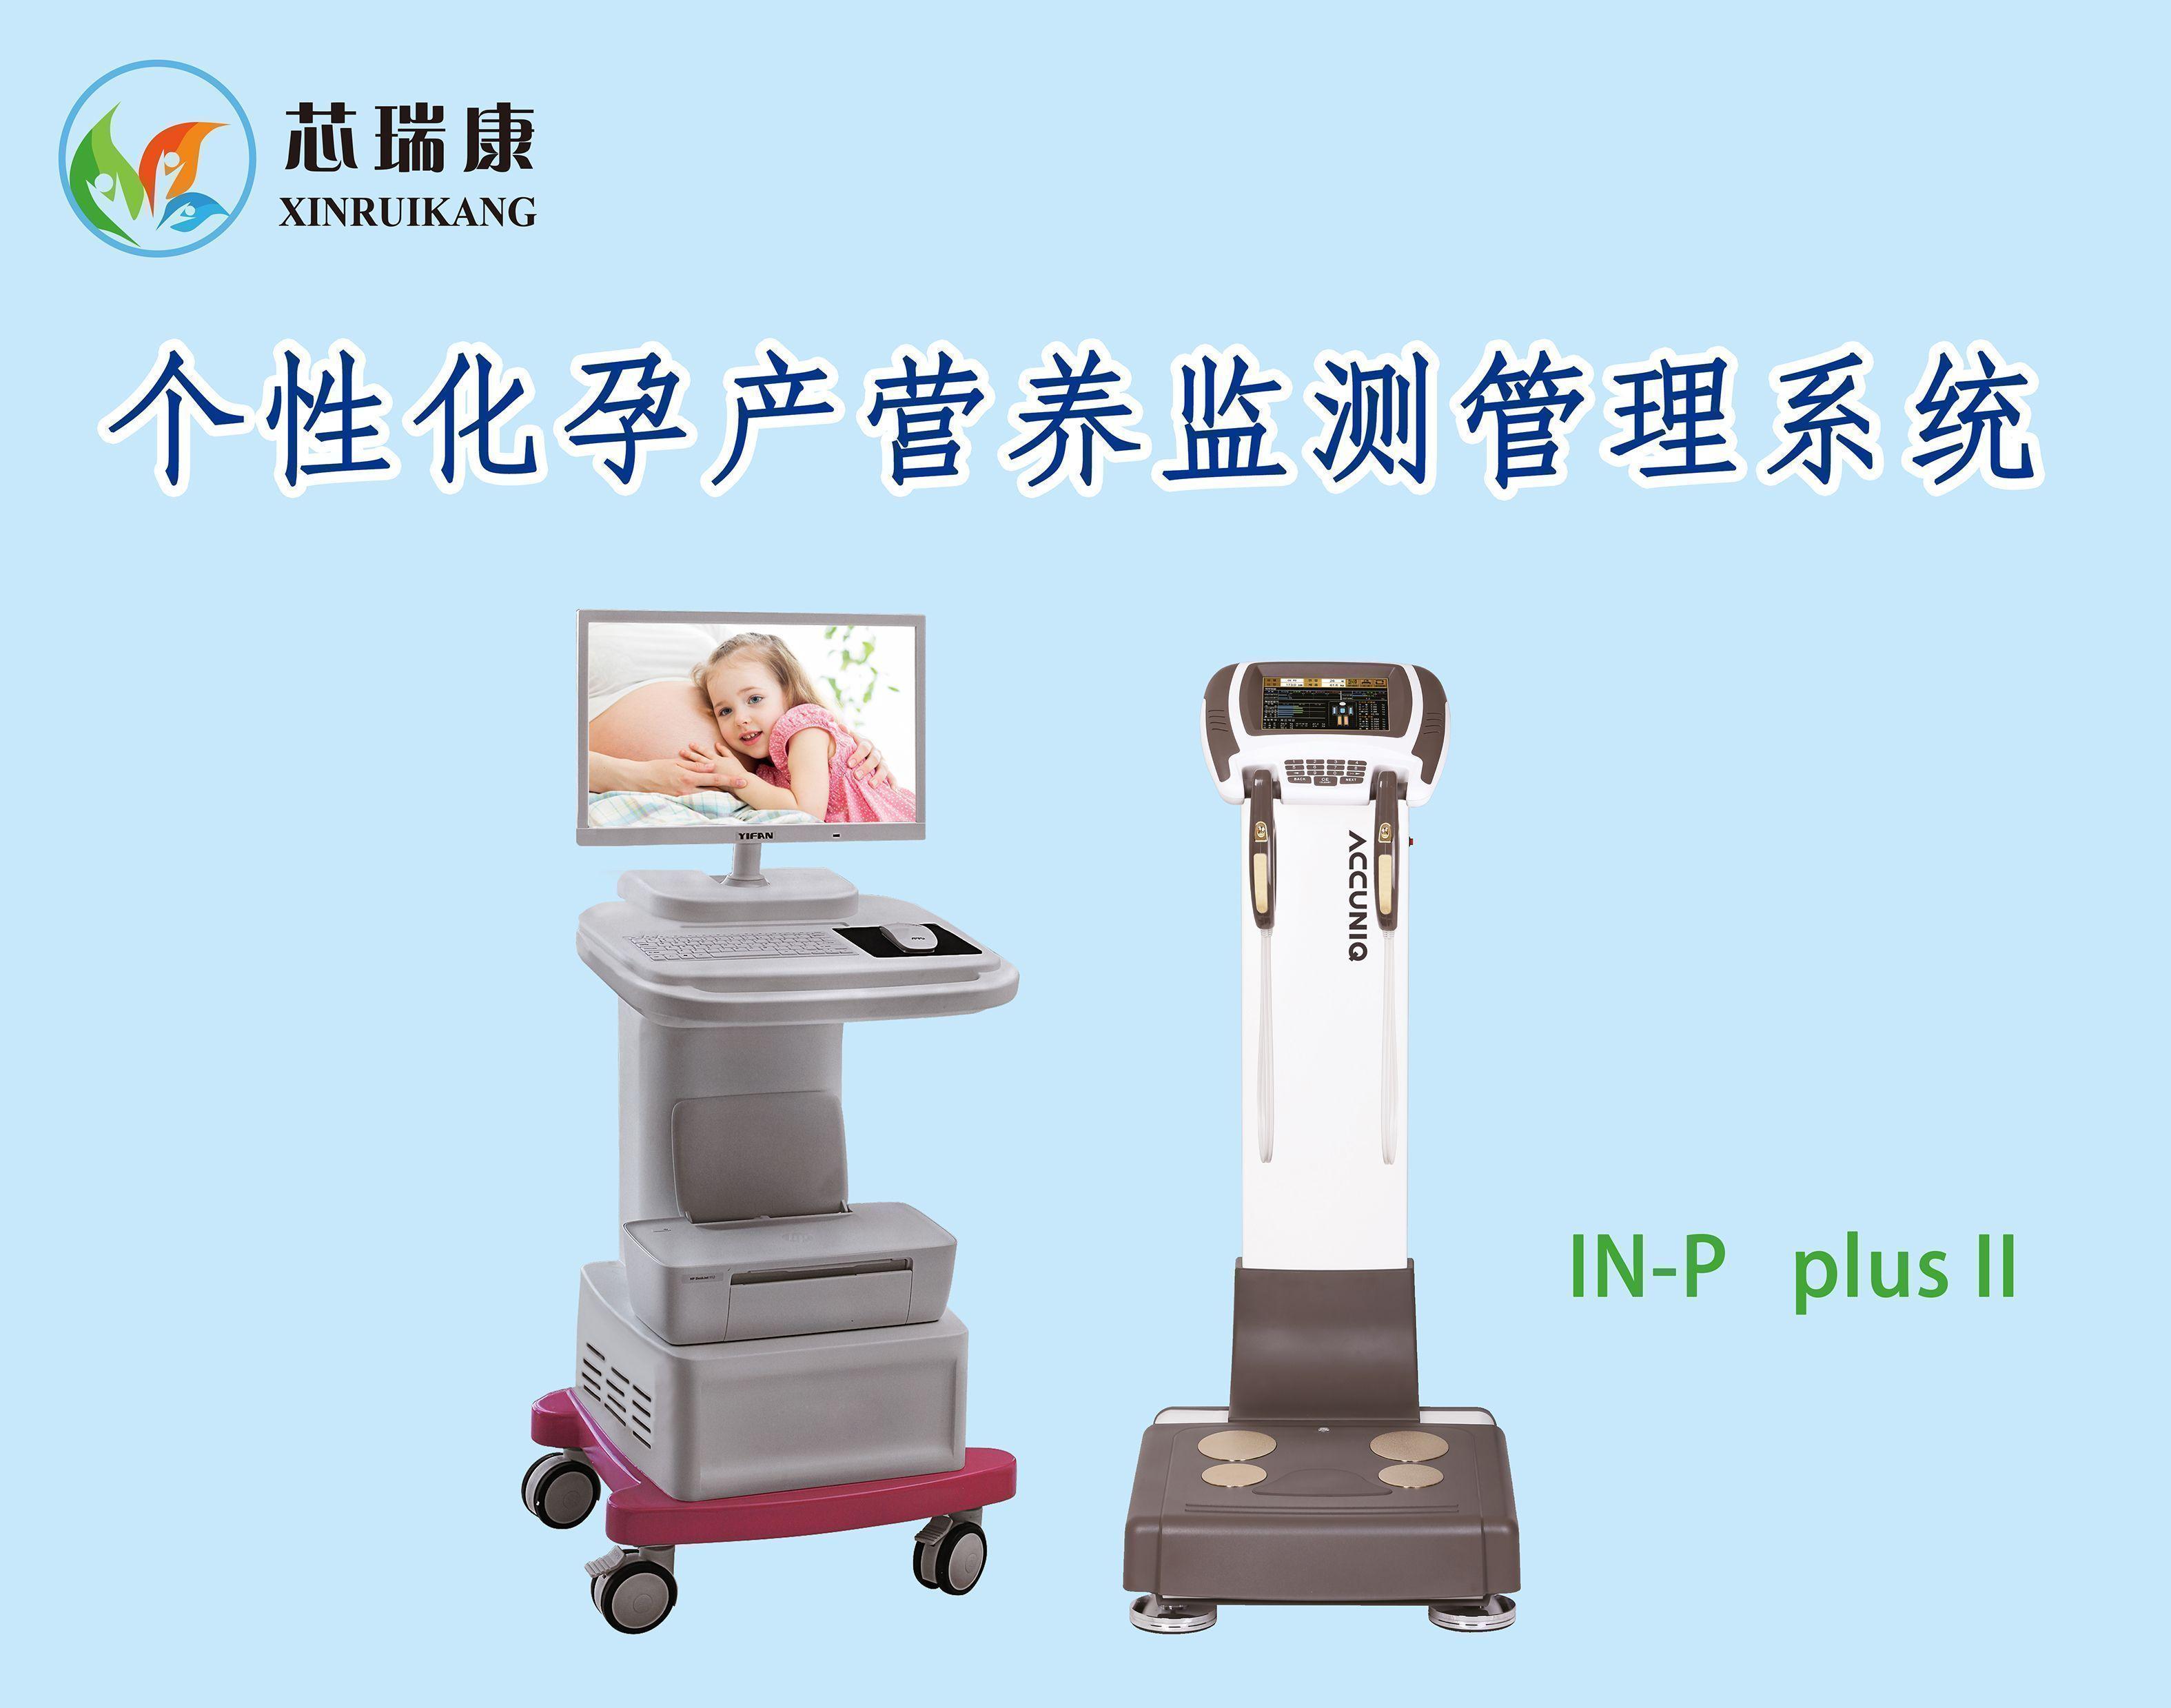 人體成分分析及孕產營養監測管理系統 IN-P PLUS II